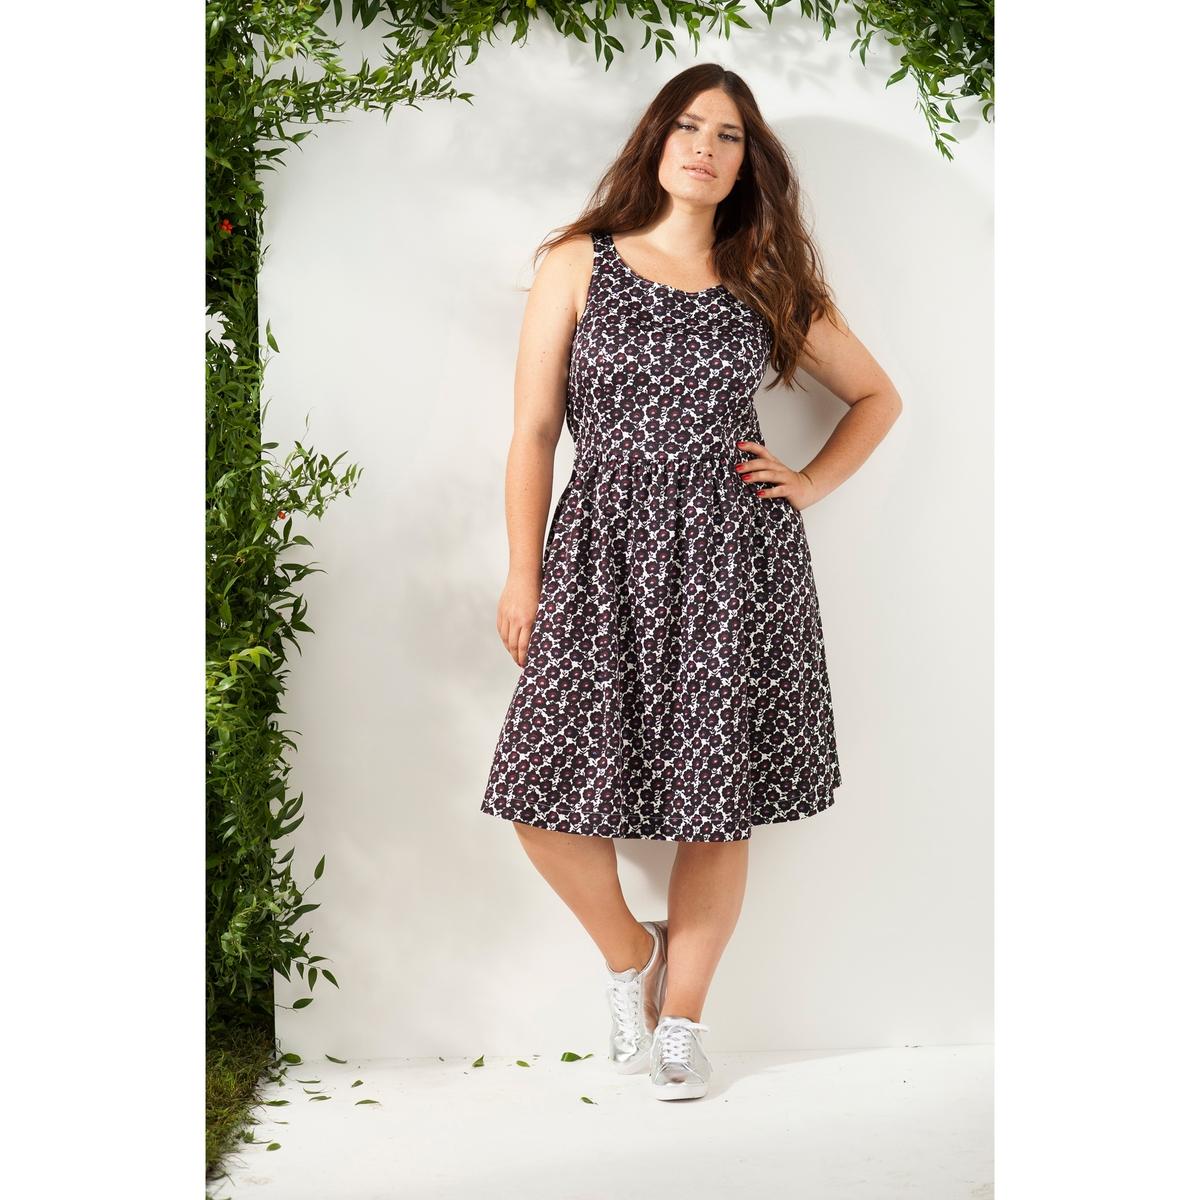 Платье без рукавов платье без рукавов 85% хлопка